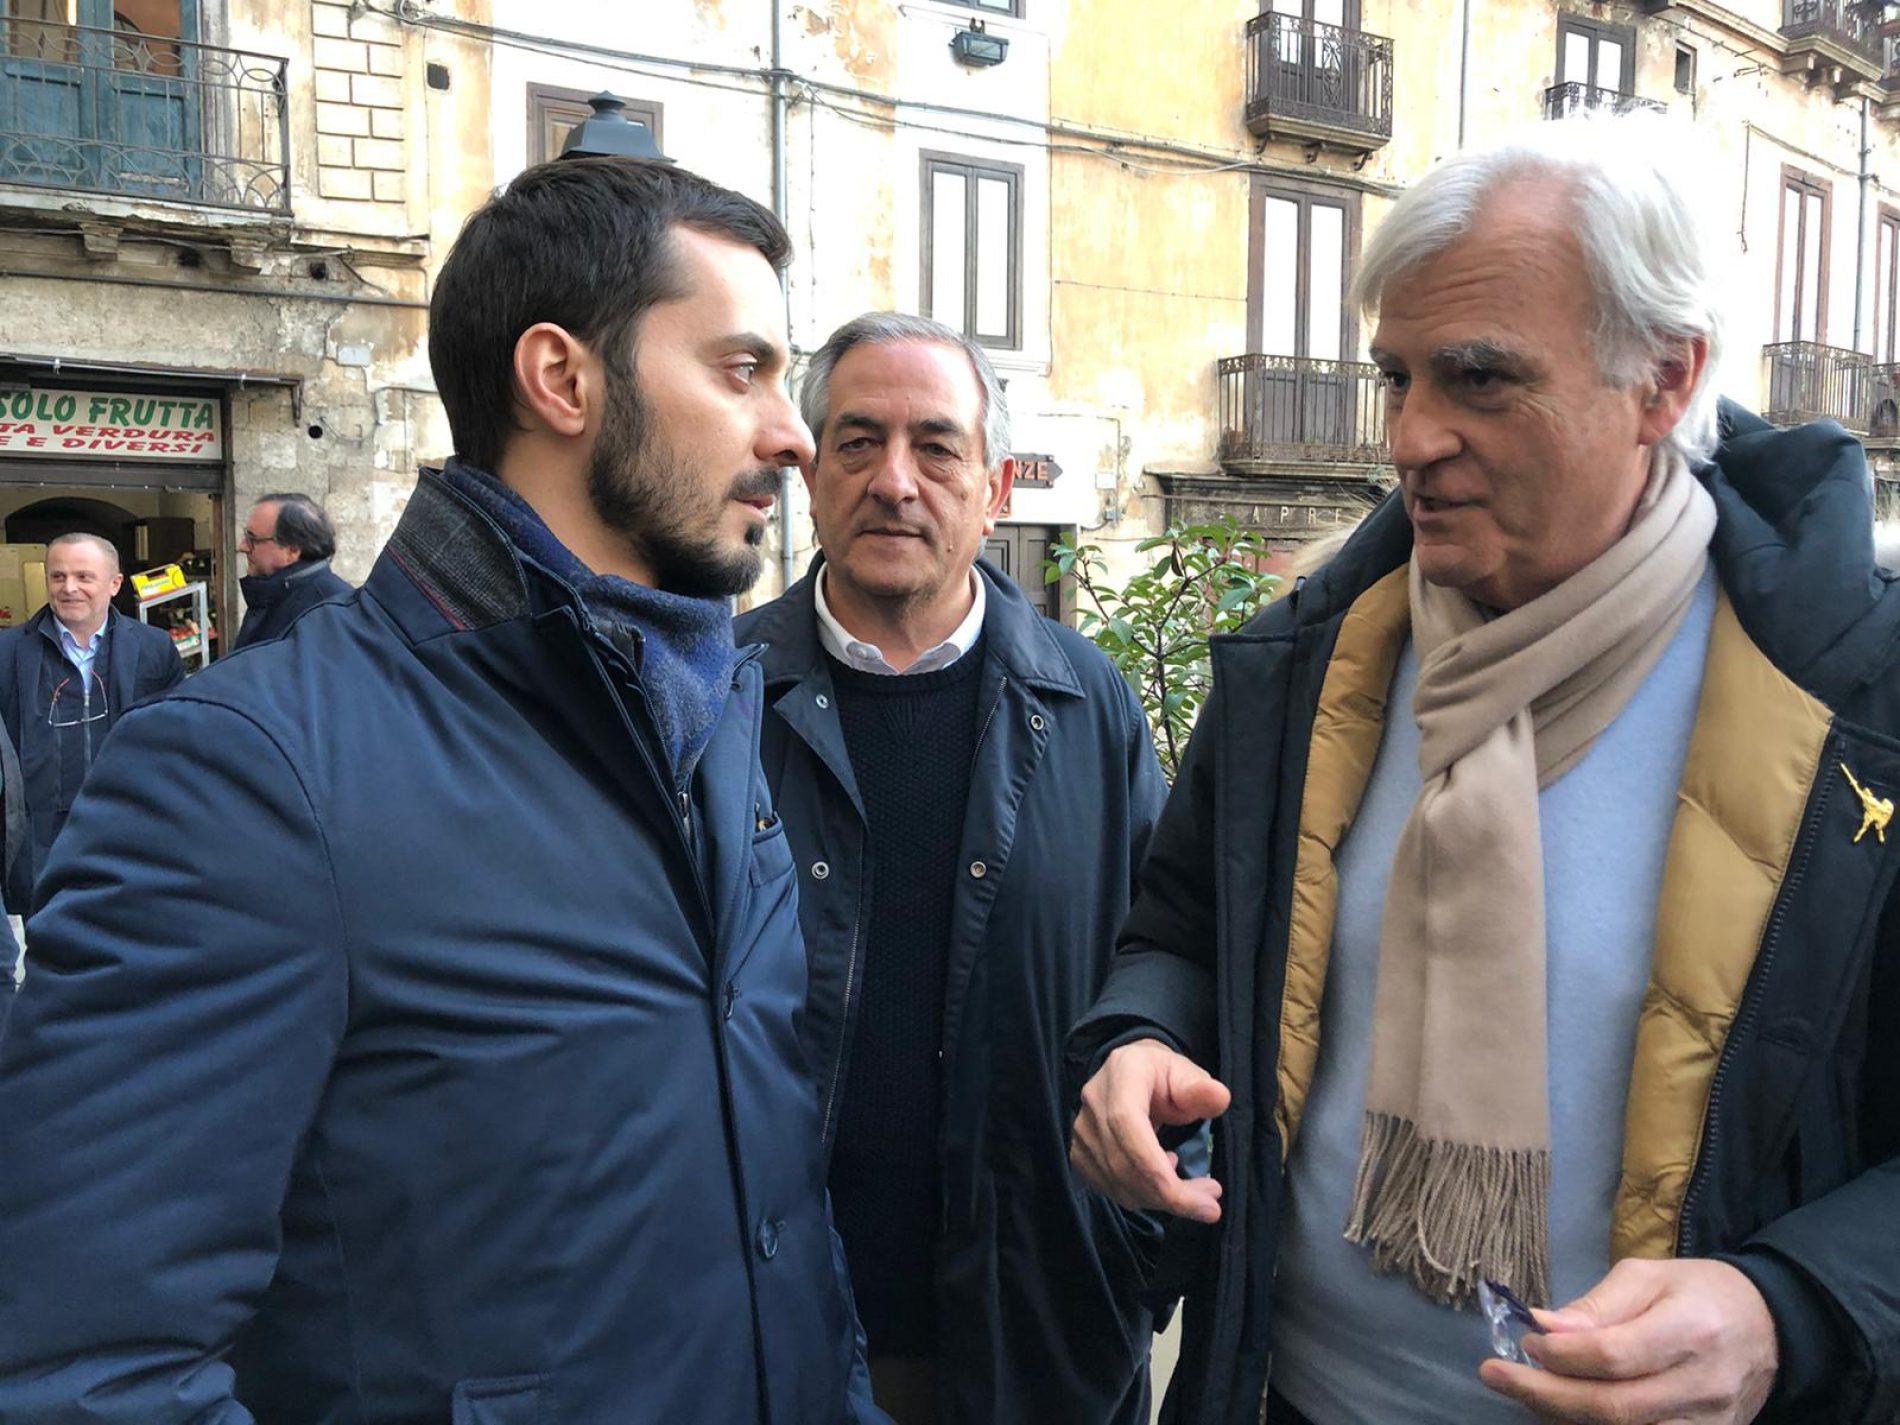 Walter Rauti e il suo vice Cristian Invernizzi negano la parola a Vincenzo Sofo e Antonio Rinaldi